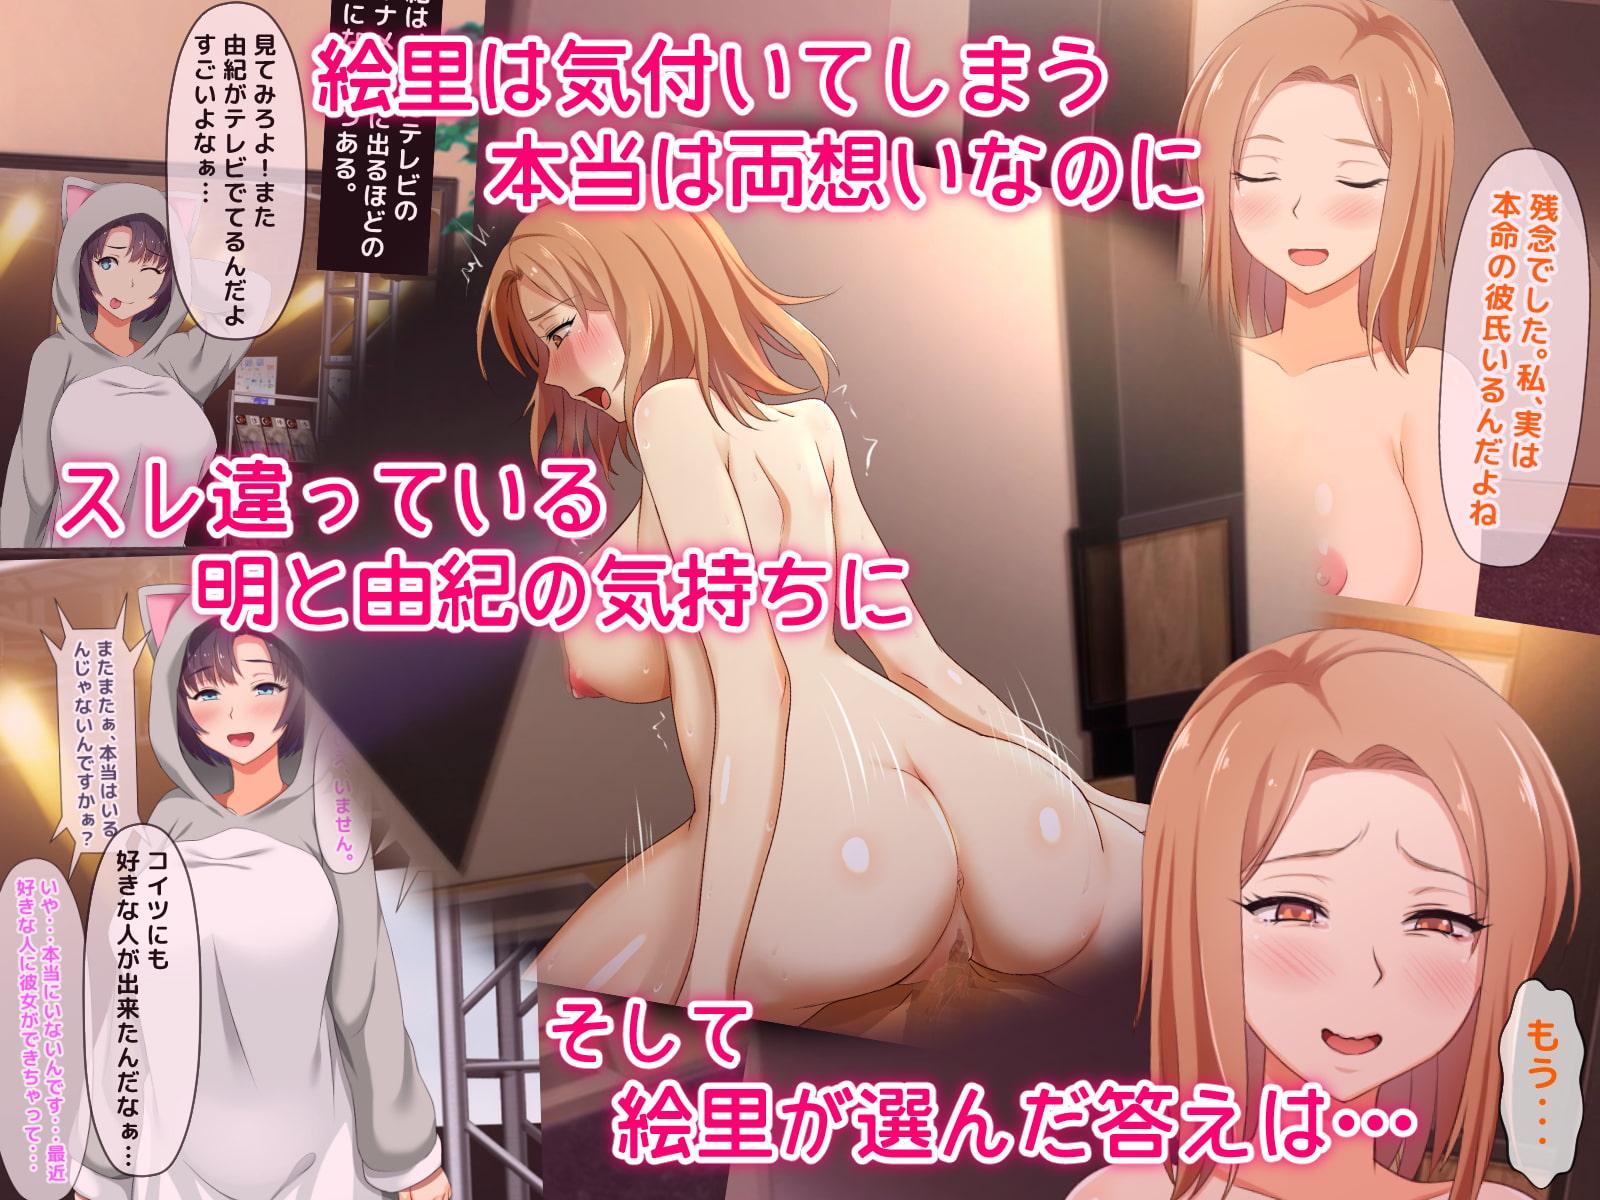 純愛△3角関係-現役芸人JKとモテ系美人JKとどっち選ぶ?-